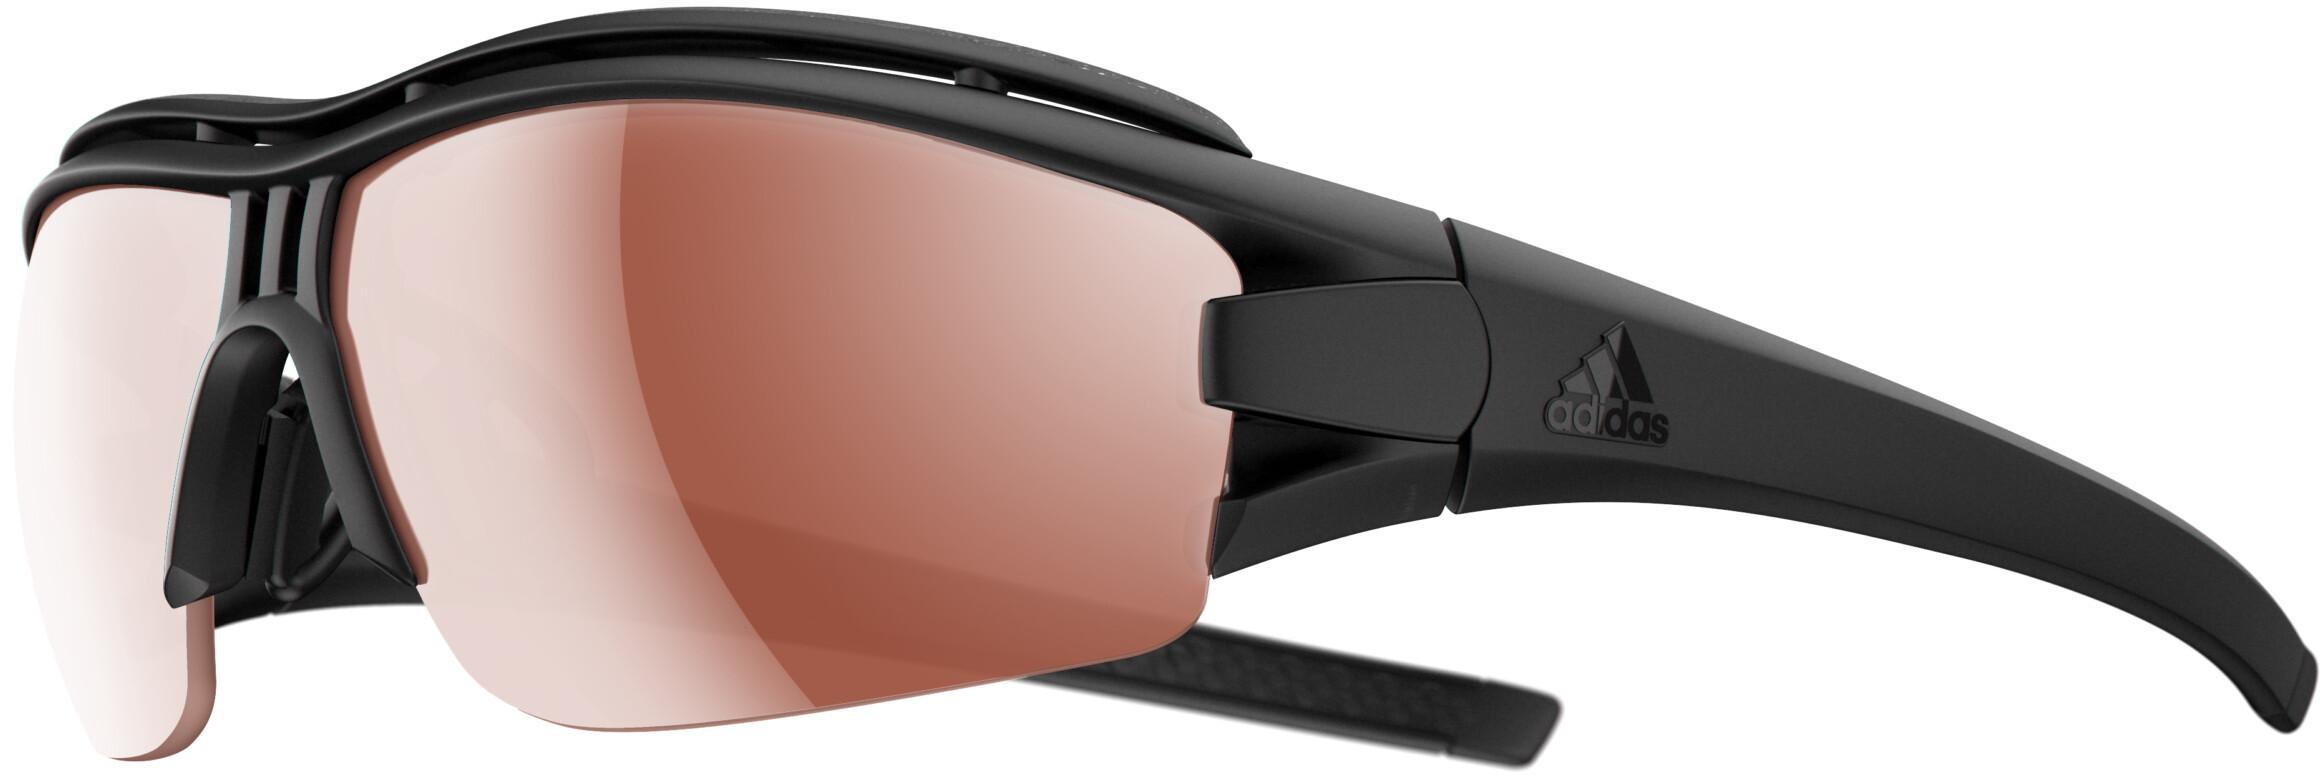 adidas evil eye halfrim pro glasses l black matt lst. Black Bedroom Furniture Sets. Home Design Ideas